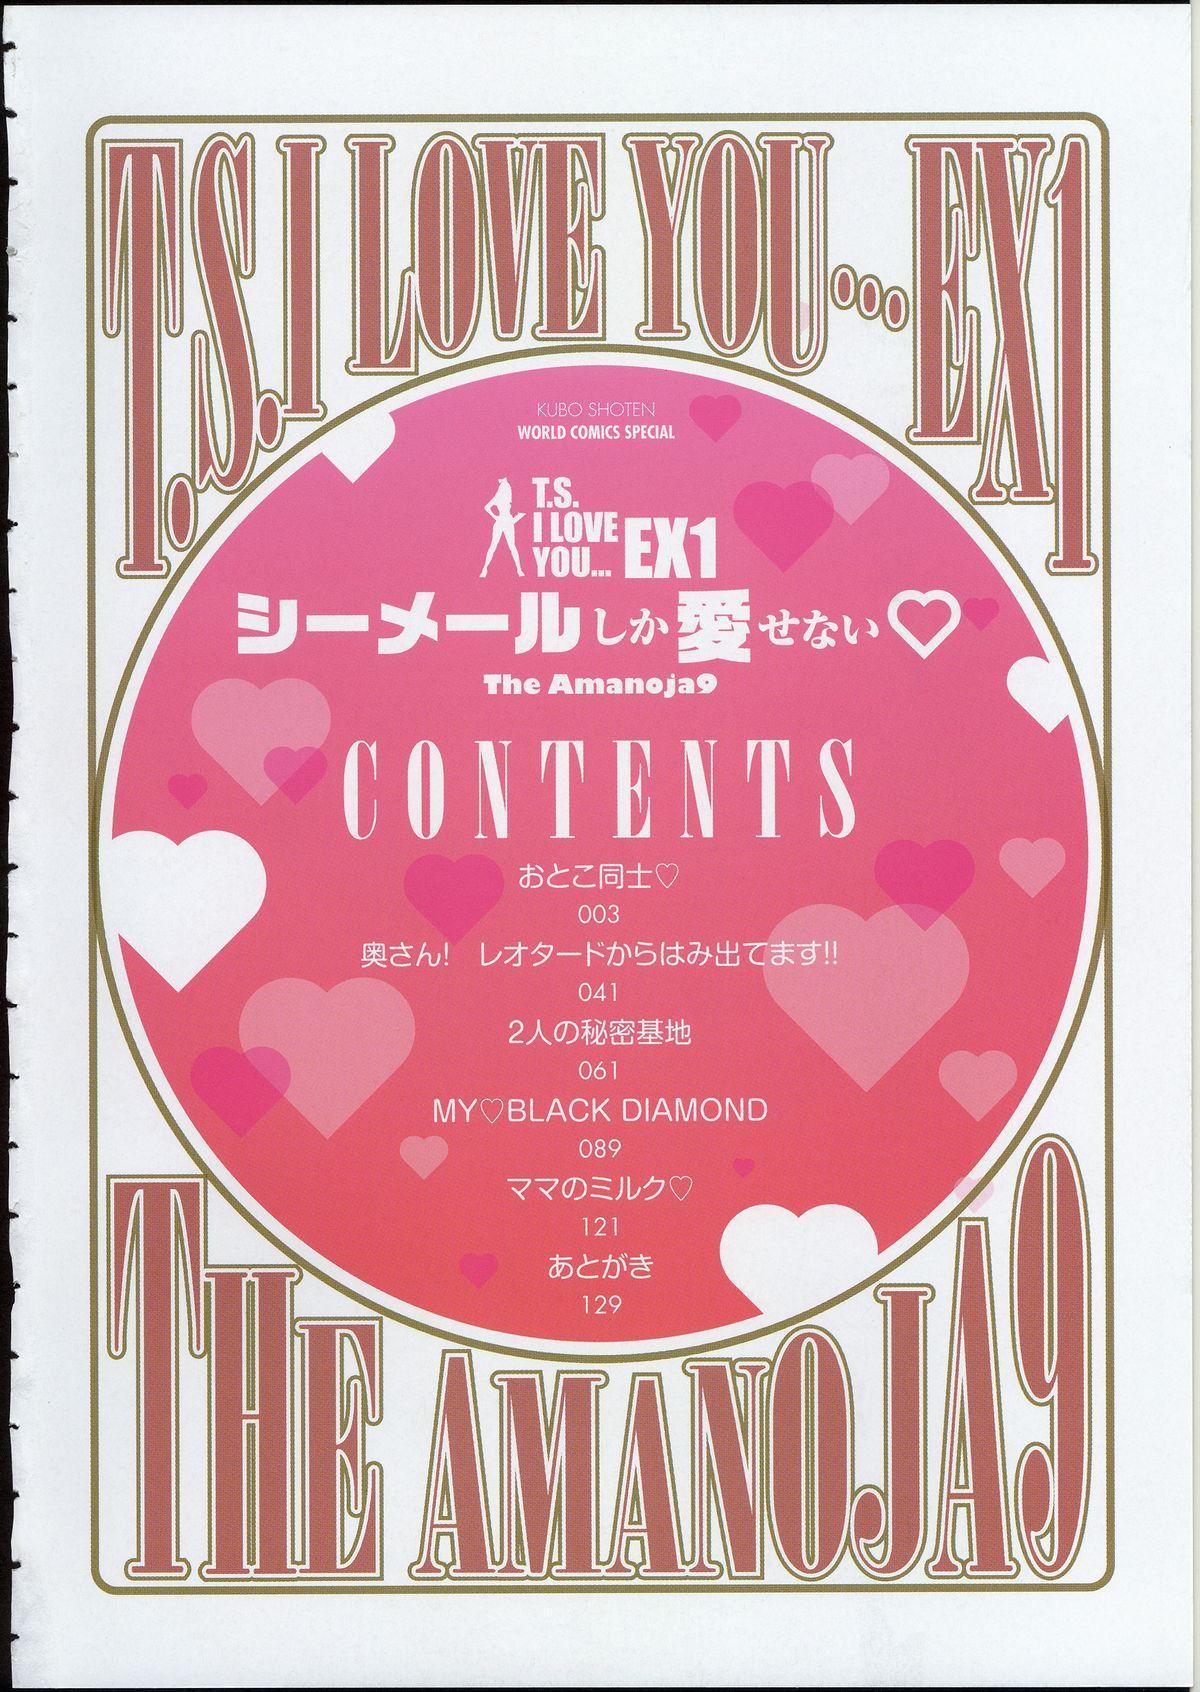 T.S. I LOVE YOU EX1 - Shemale Shika Aisenai 4